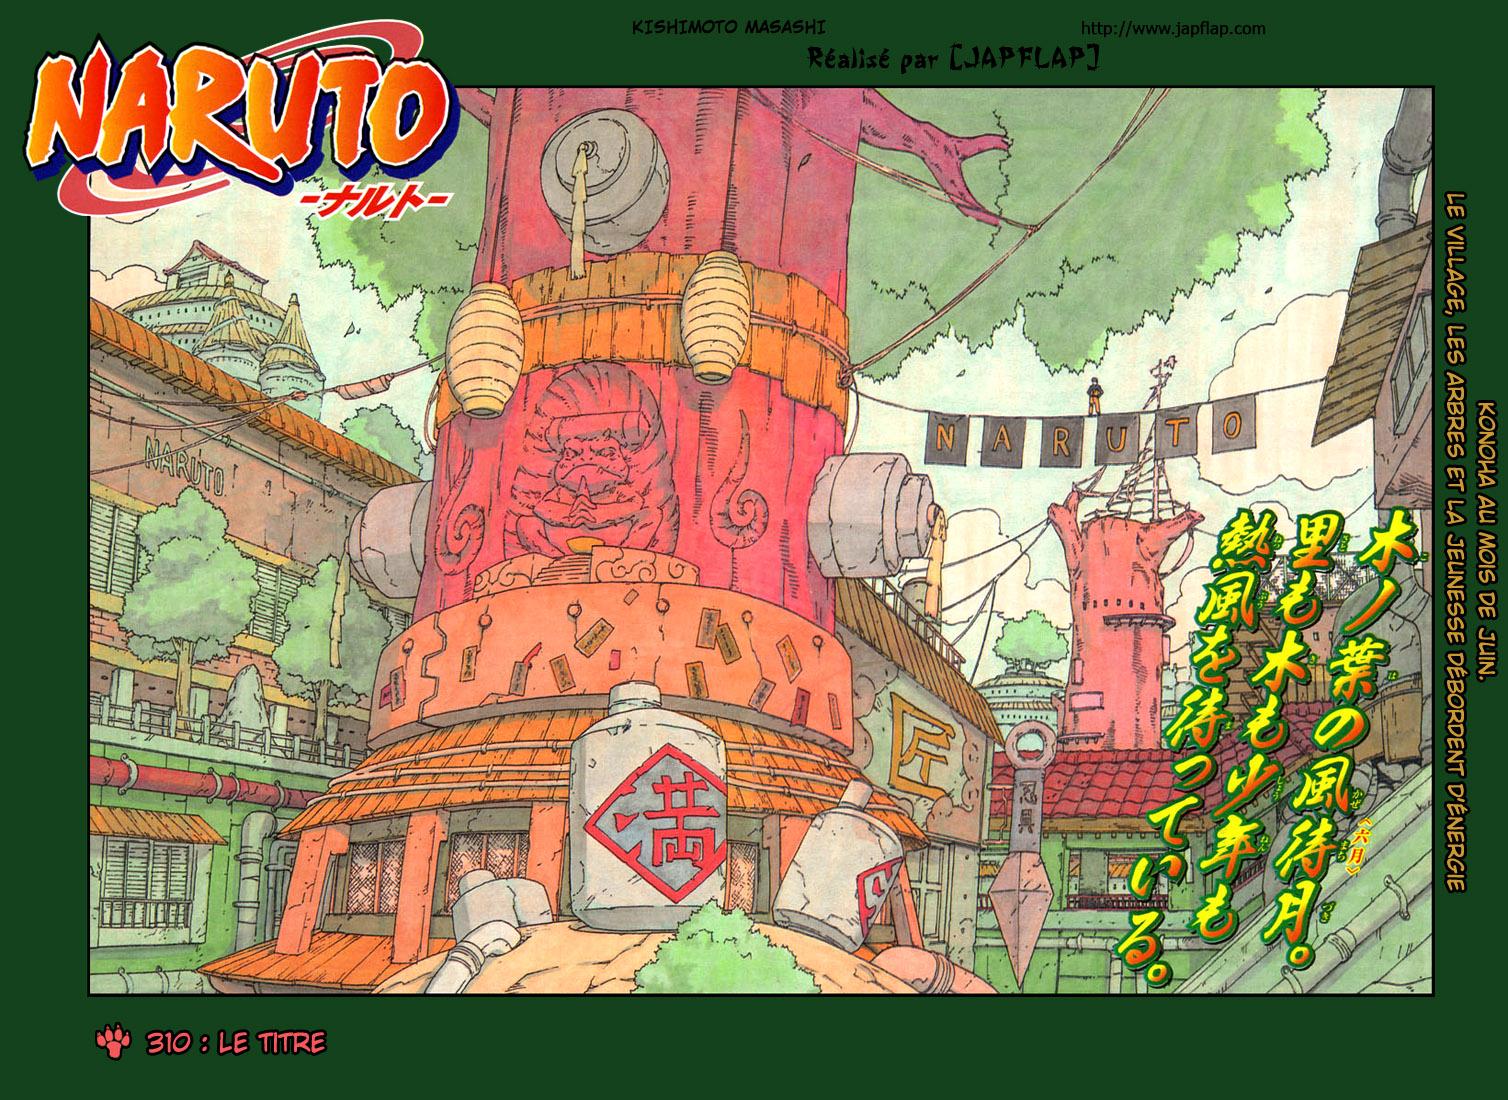 Naruto chapitre 310 - Page 1